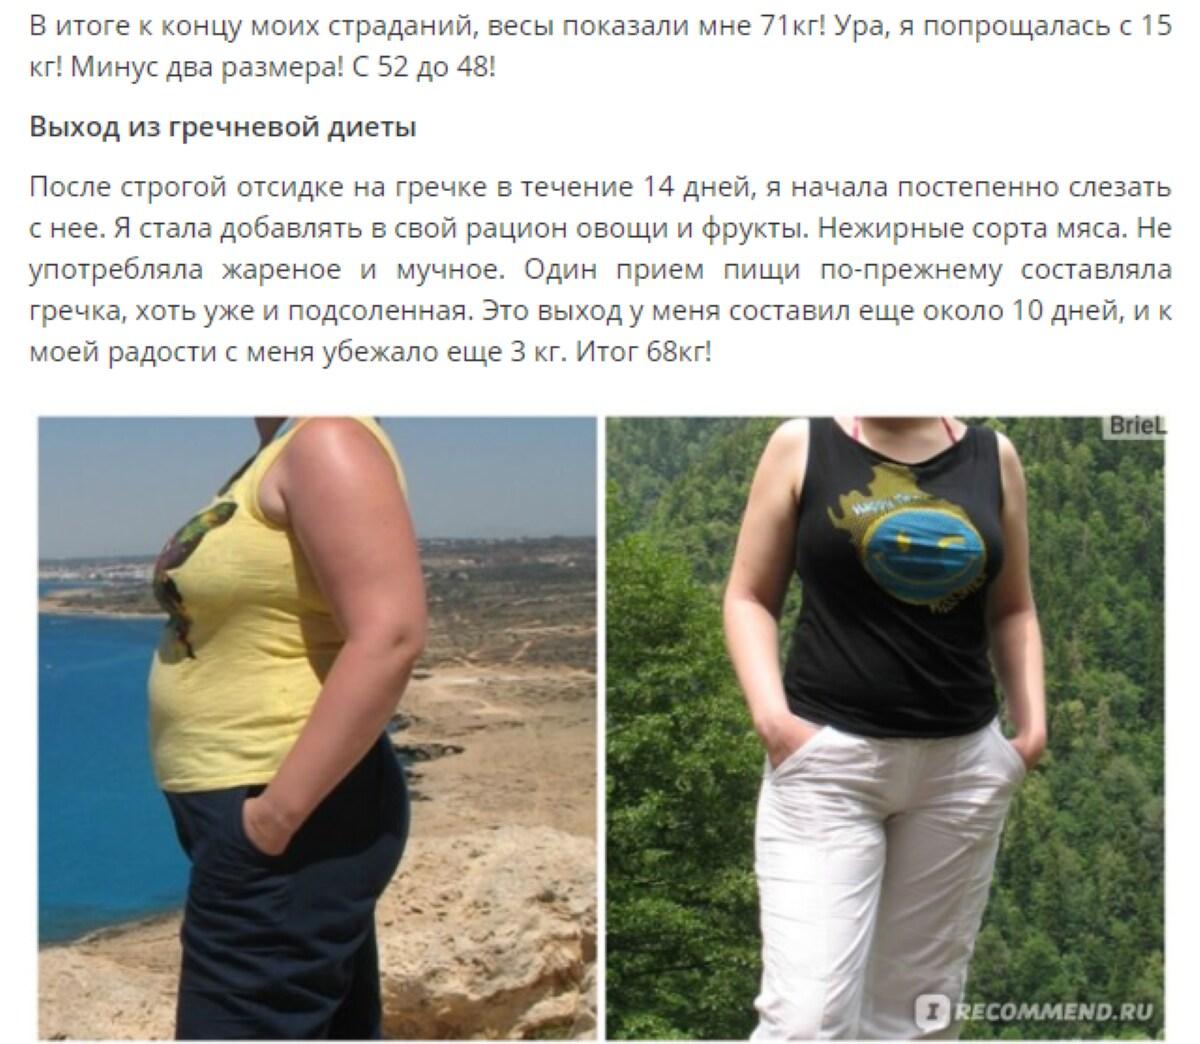 Новое исследование показало, что для удержания веса после похудения нужно больше есть: обратная диета